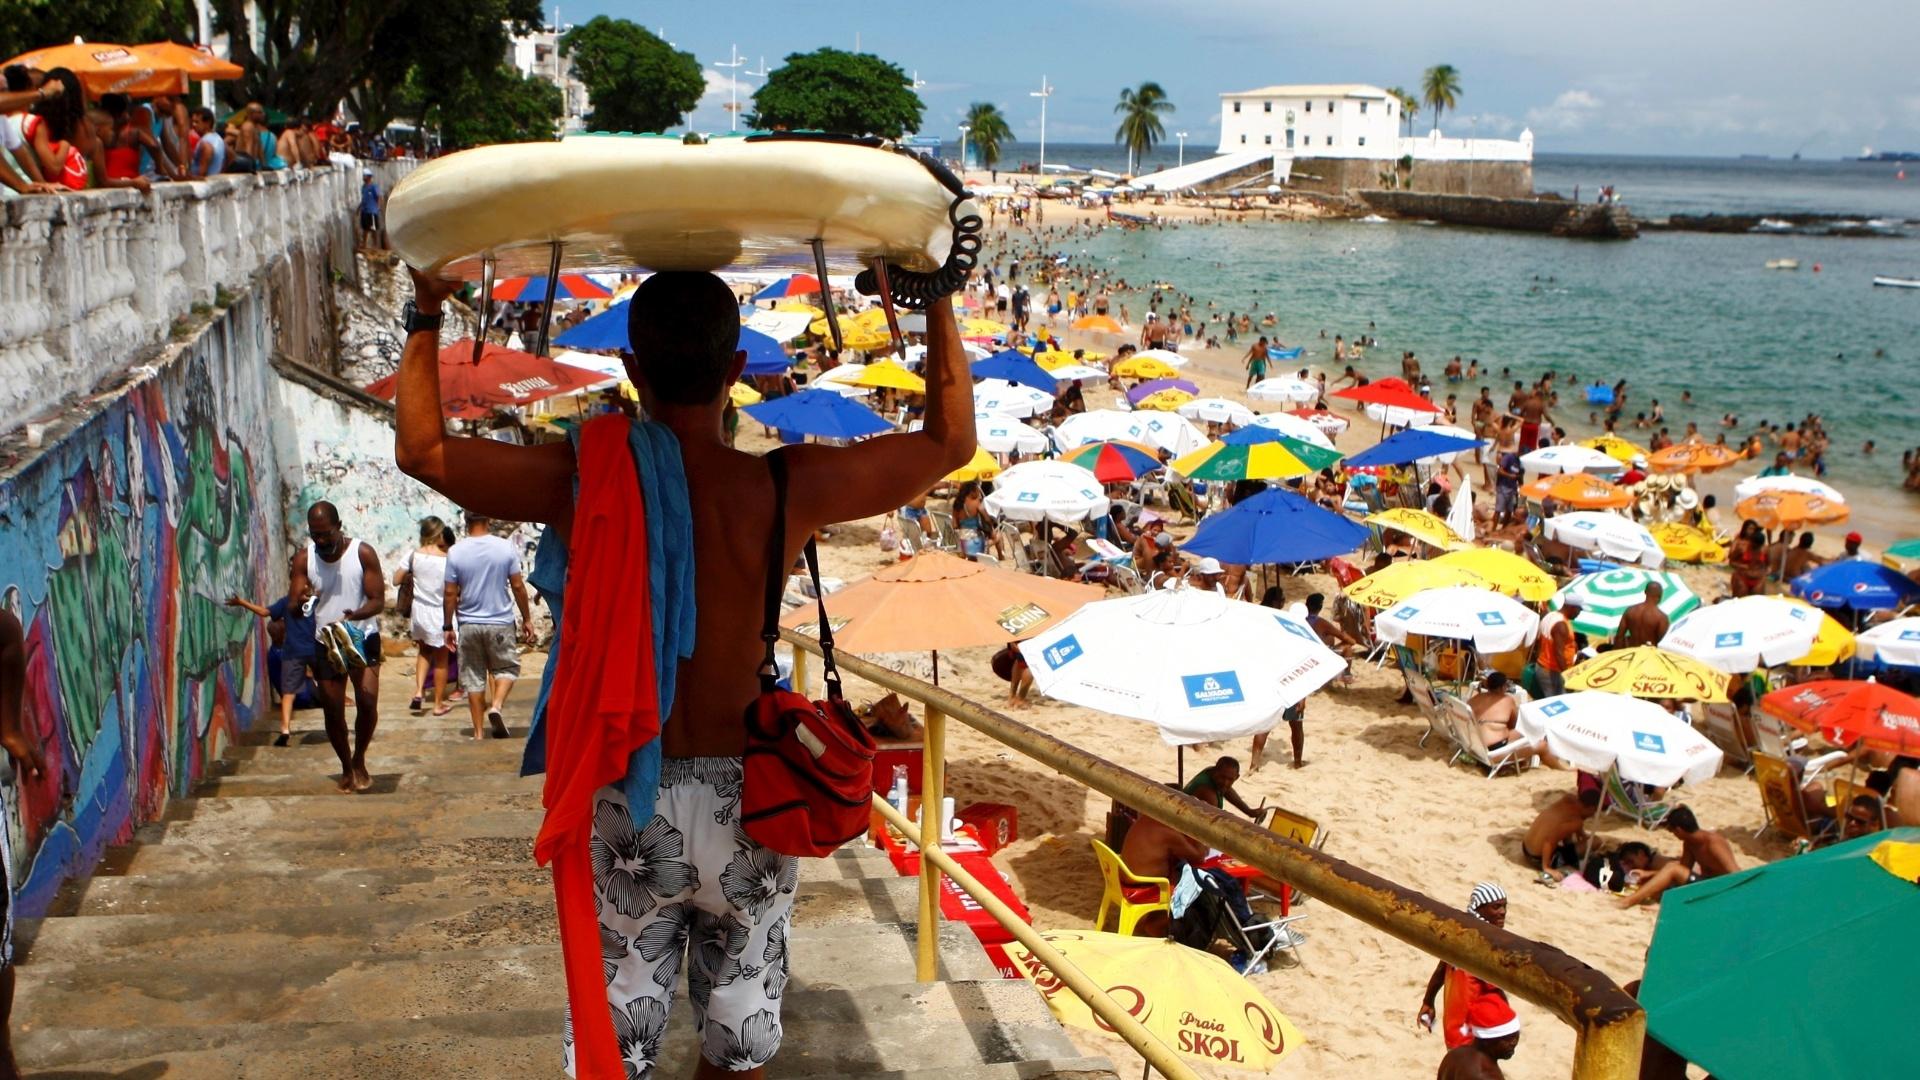 21.abr.2014 - O movimento na praia do Porto da Barra, em Salvador, é intenso nesta segunda-feira (21), úl